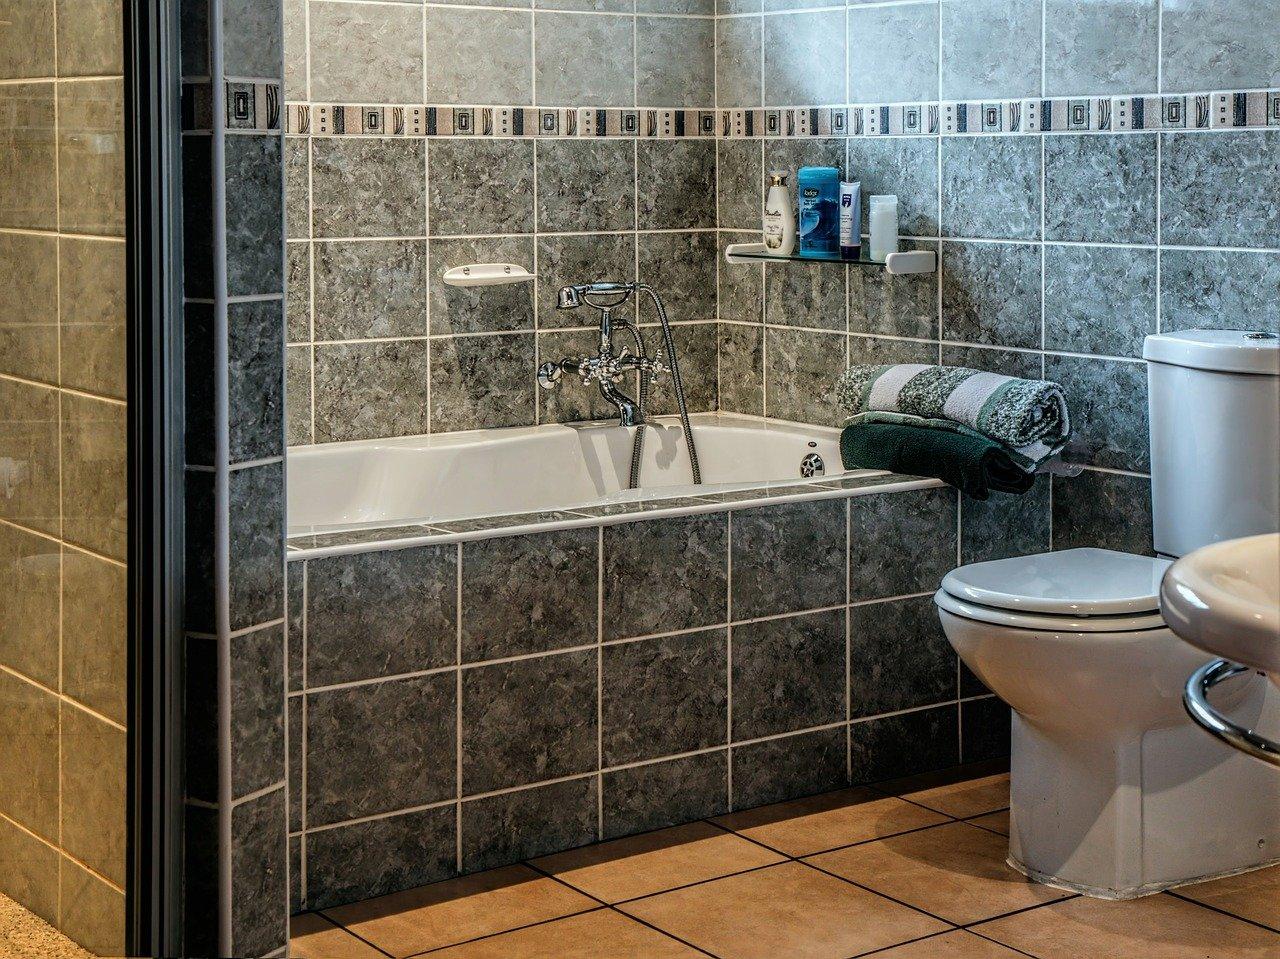 Comment résoudre les problèmes de WC